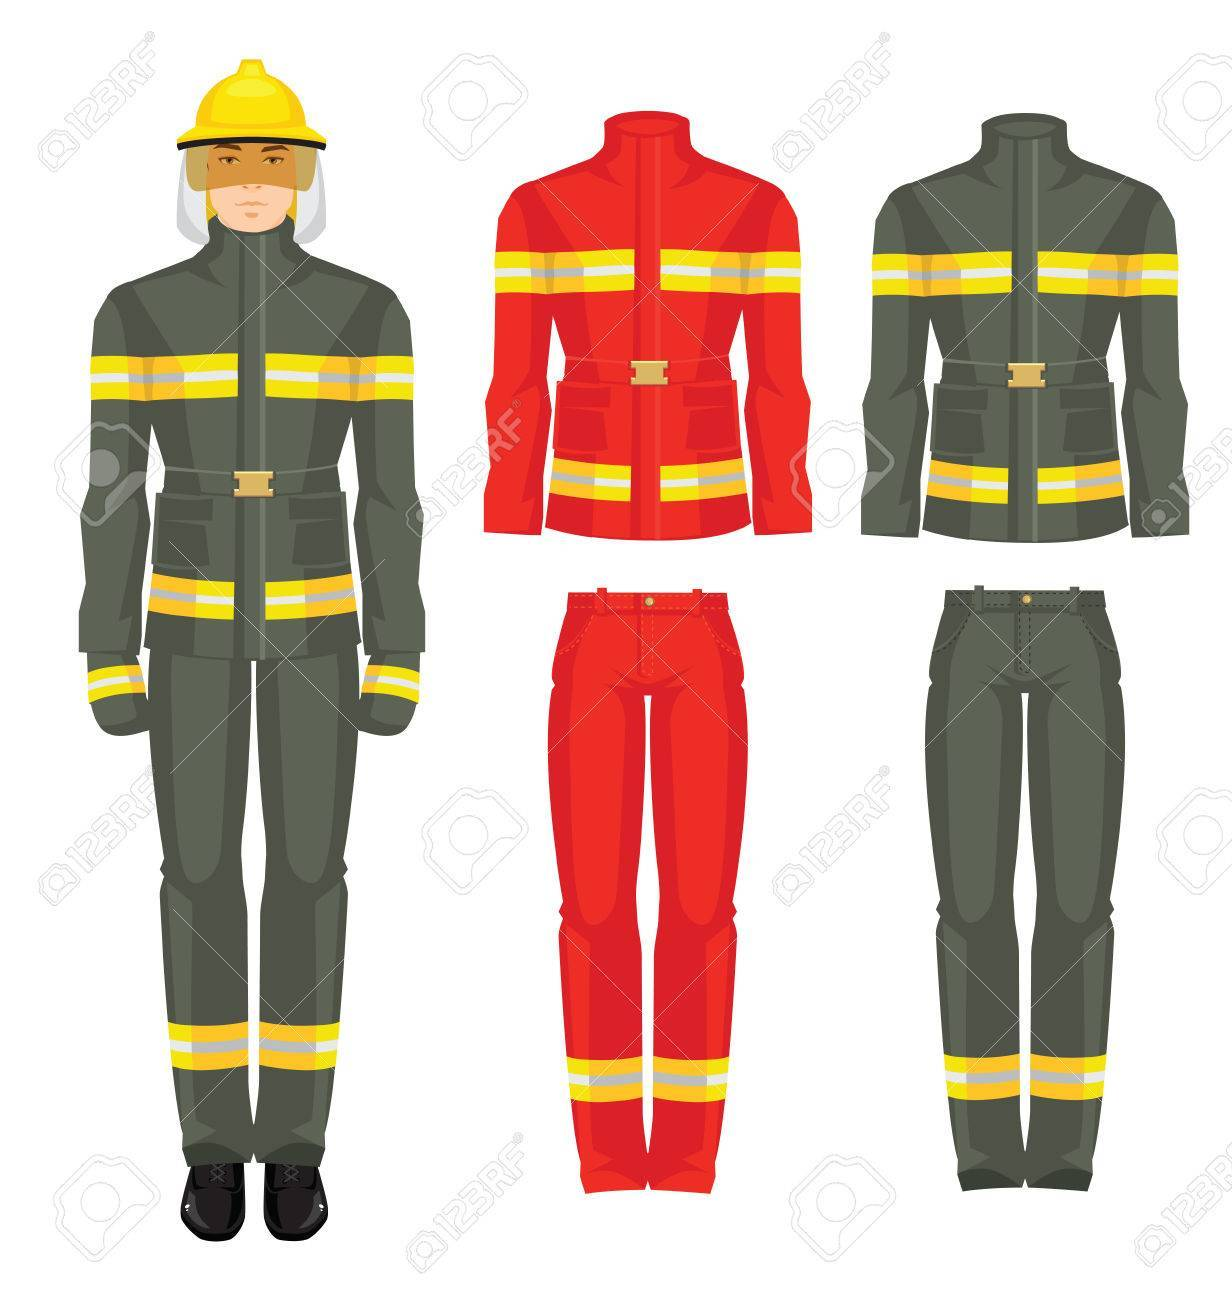 Fireman uniform clipart 9 » Clipart Portal.